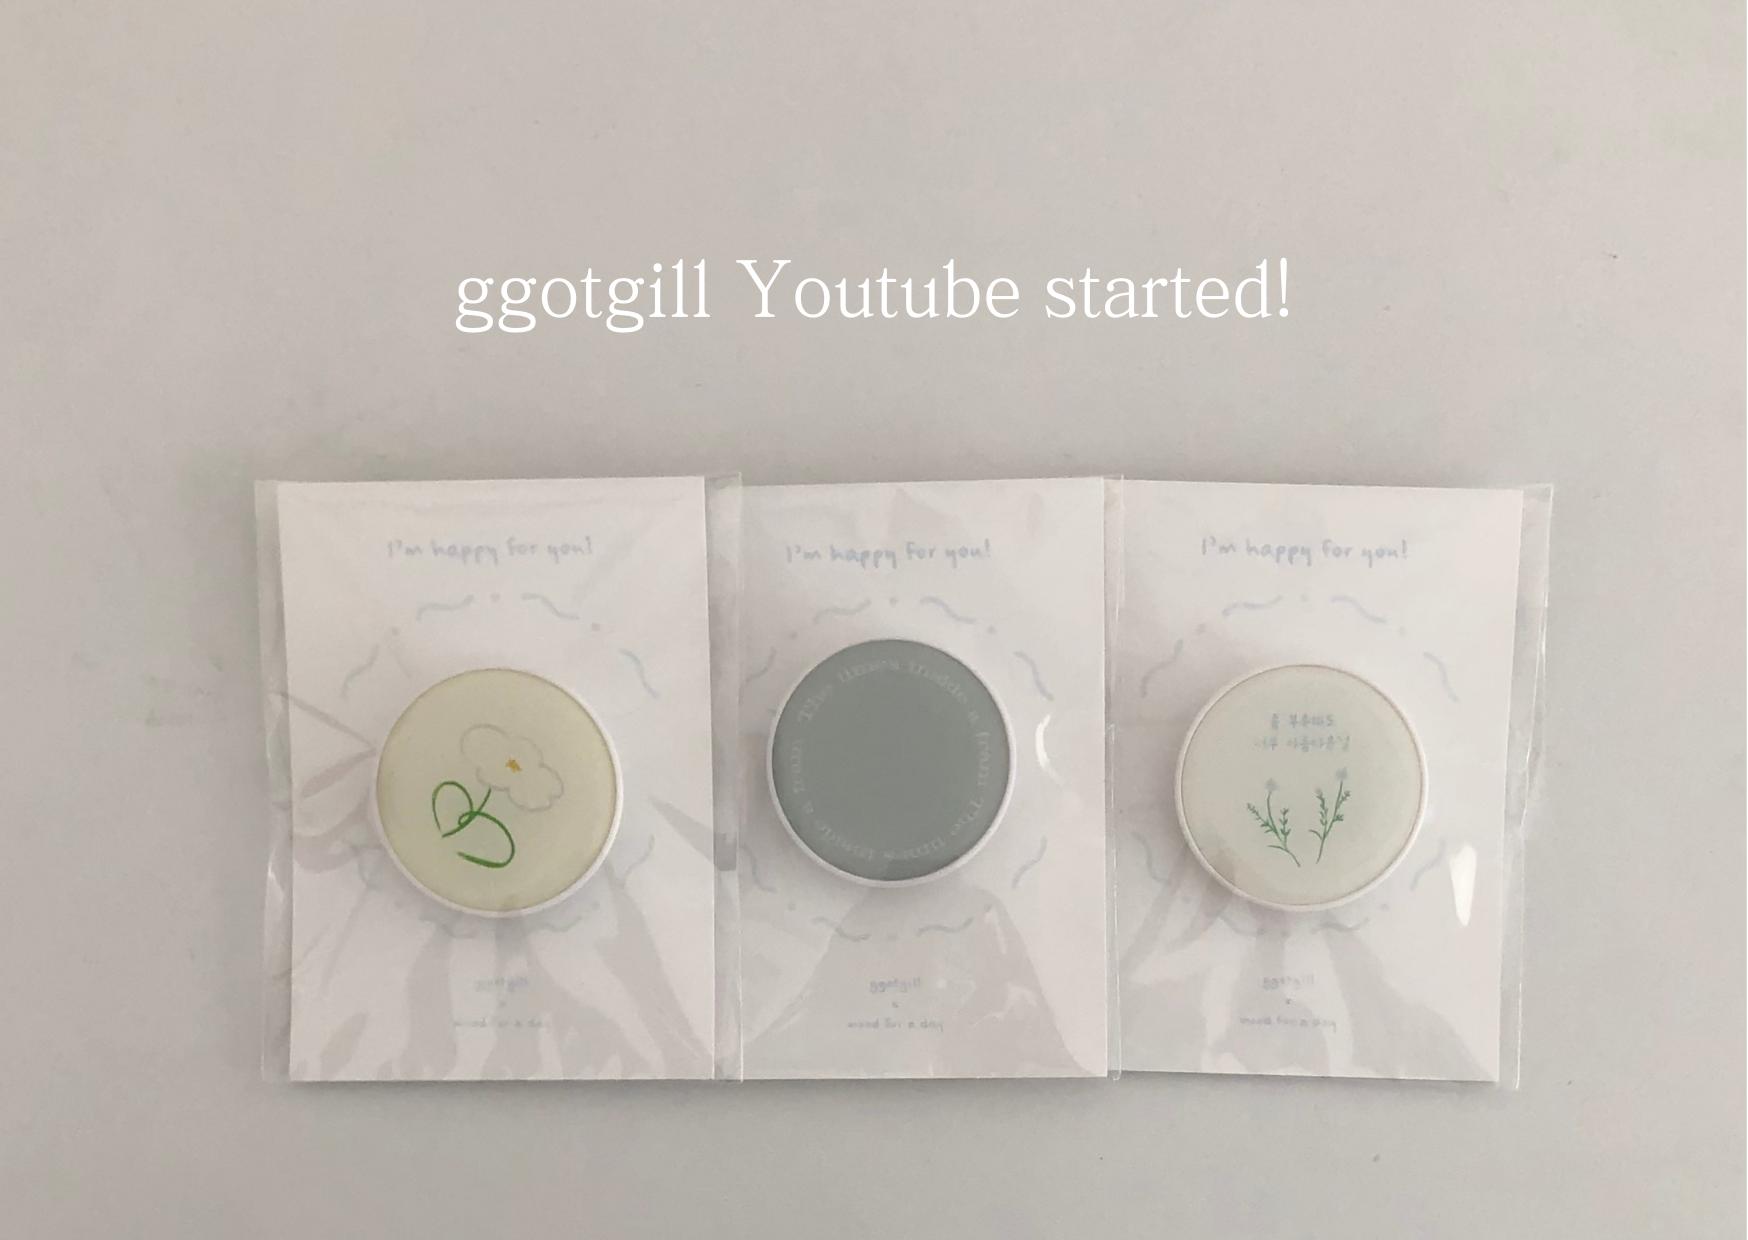 ggotgill Youtubeチャンネルをスタートしました!